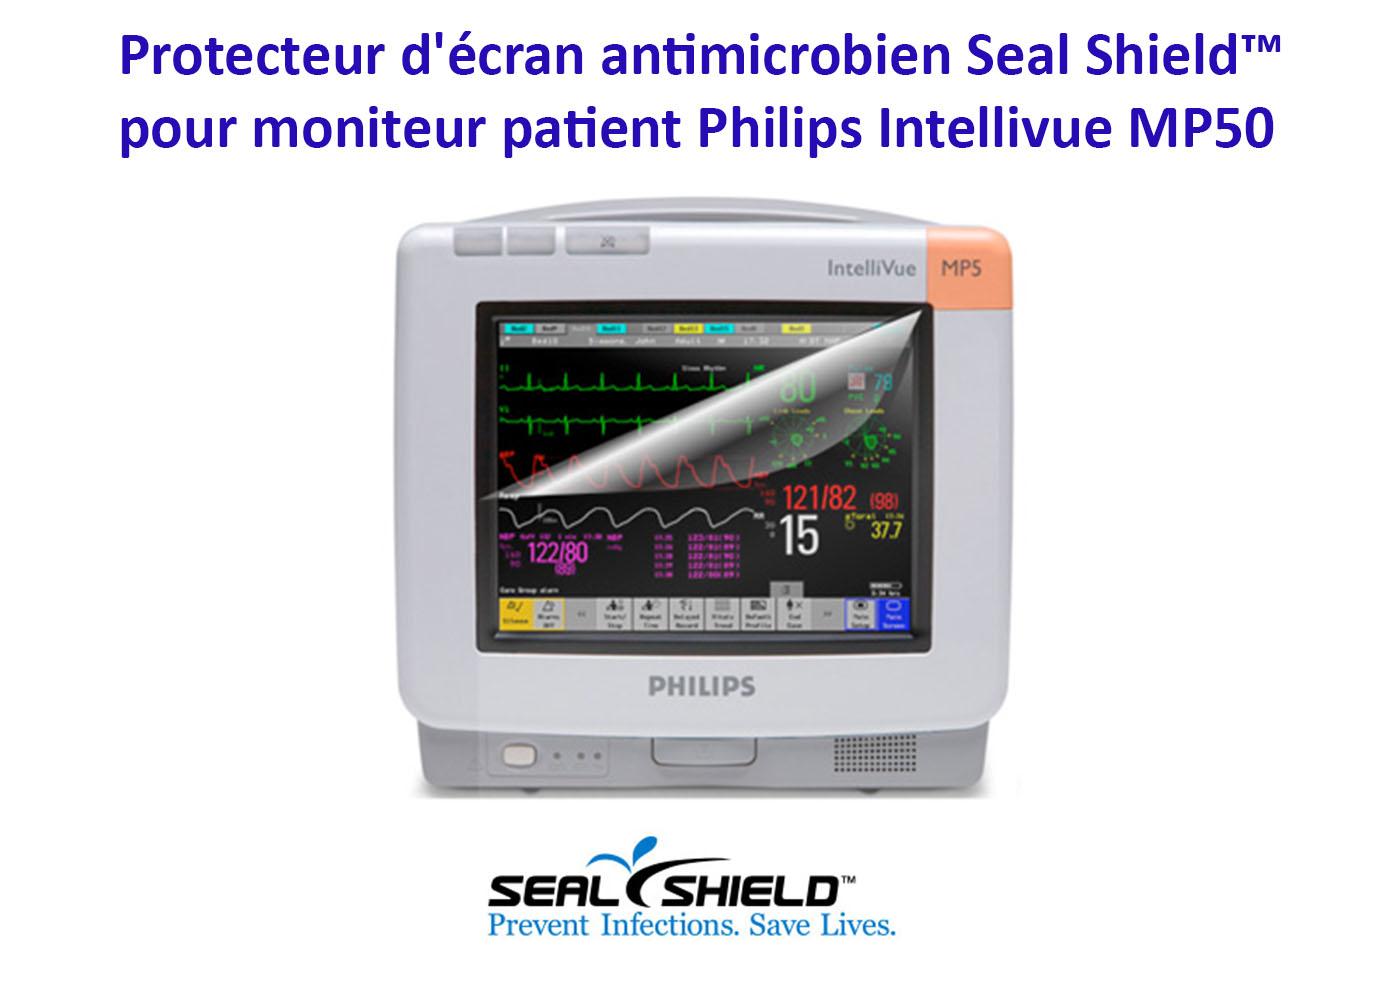 Film de protection pour moniteur patient Philips Intellivue MP50